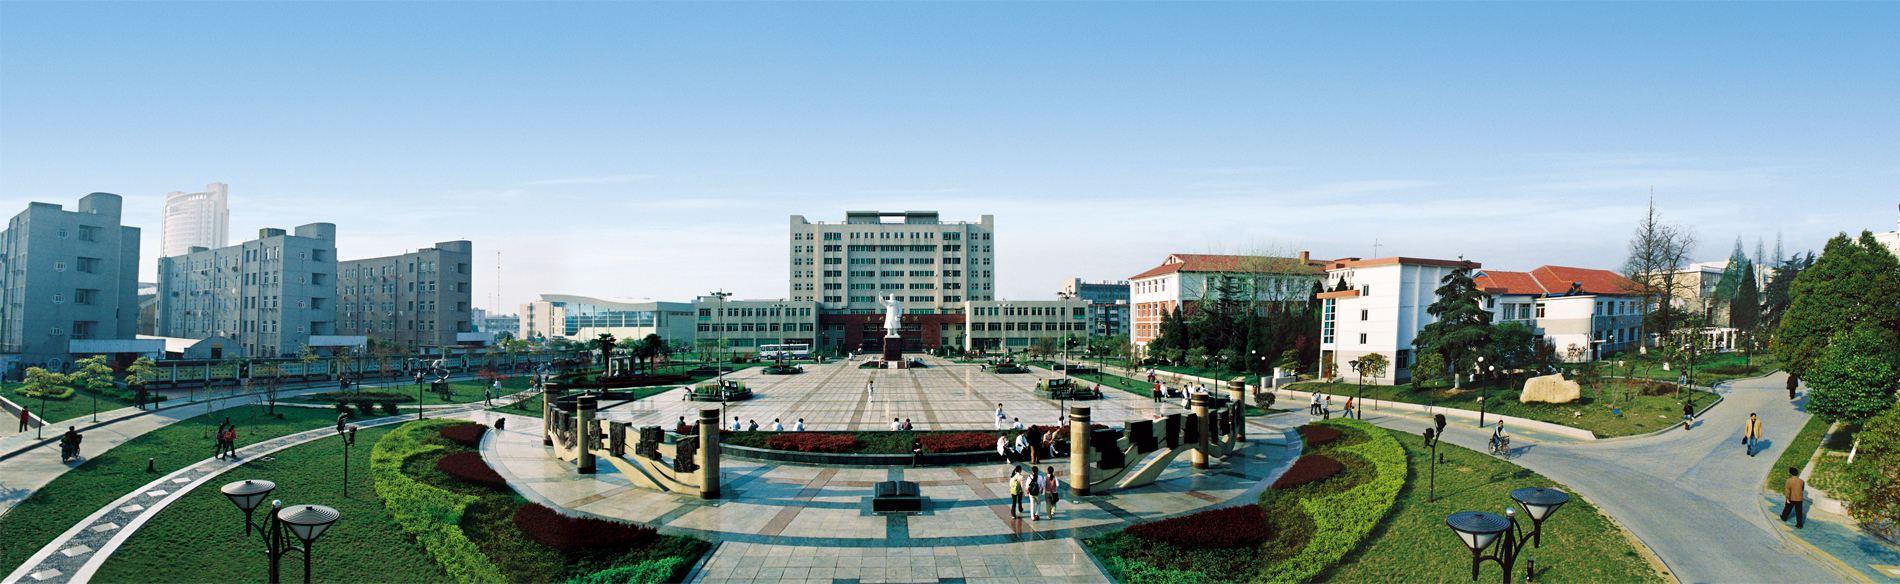 2020年安徽医科大学临床医学院教师招聘公告.jpeg